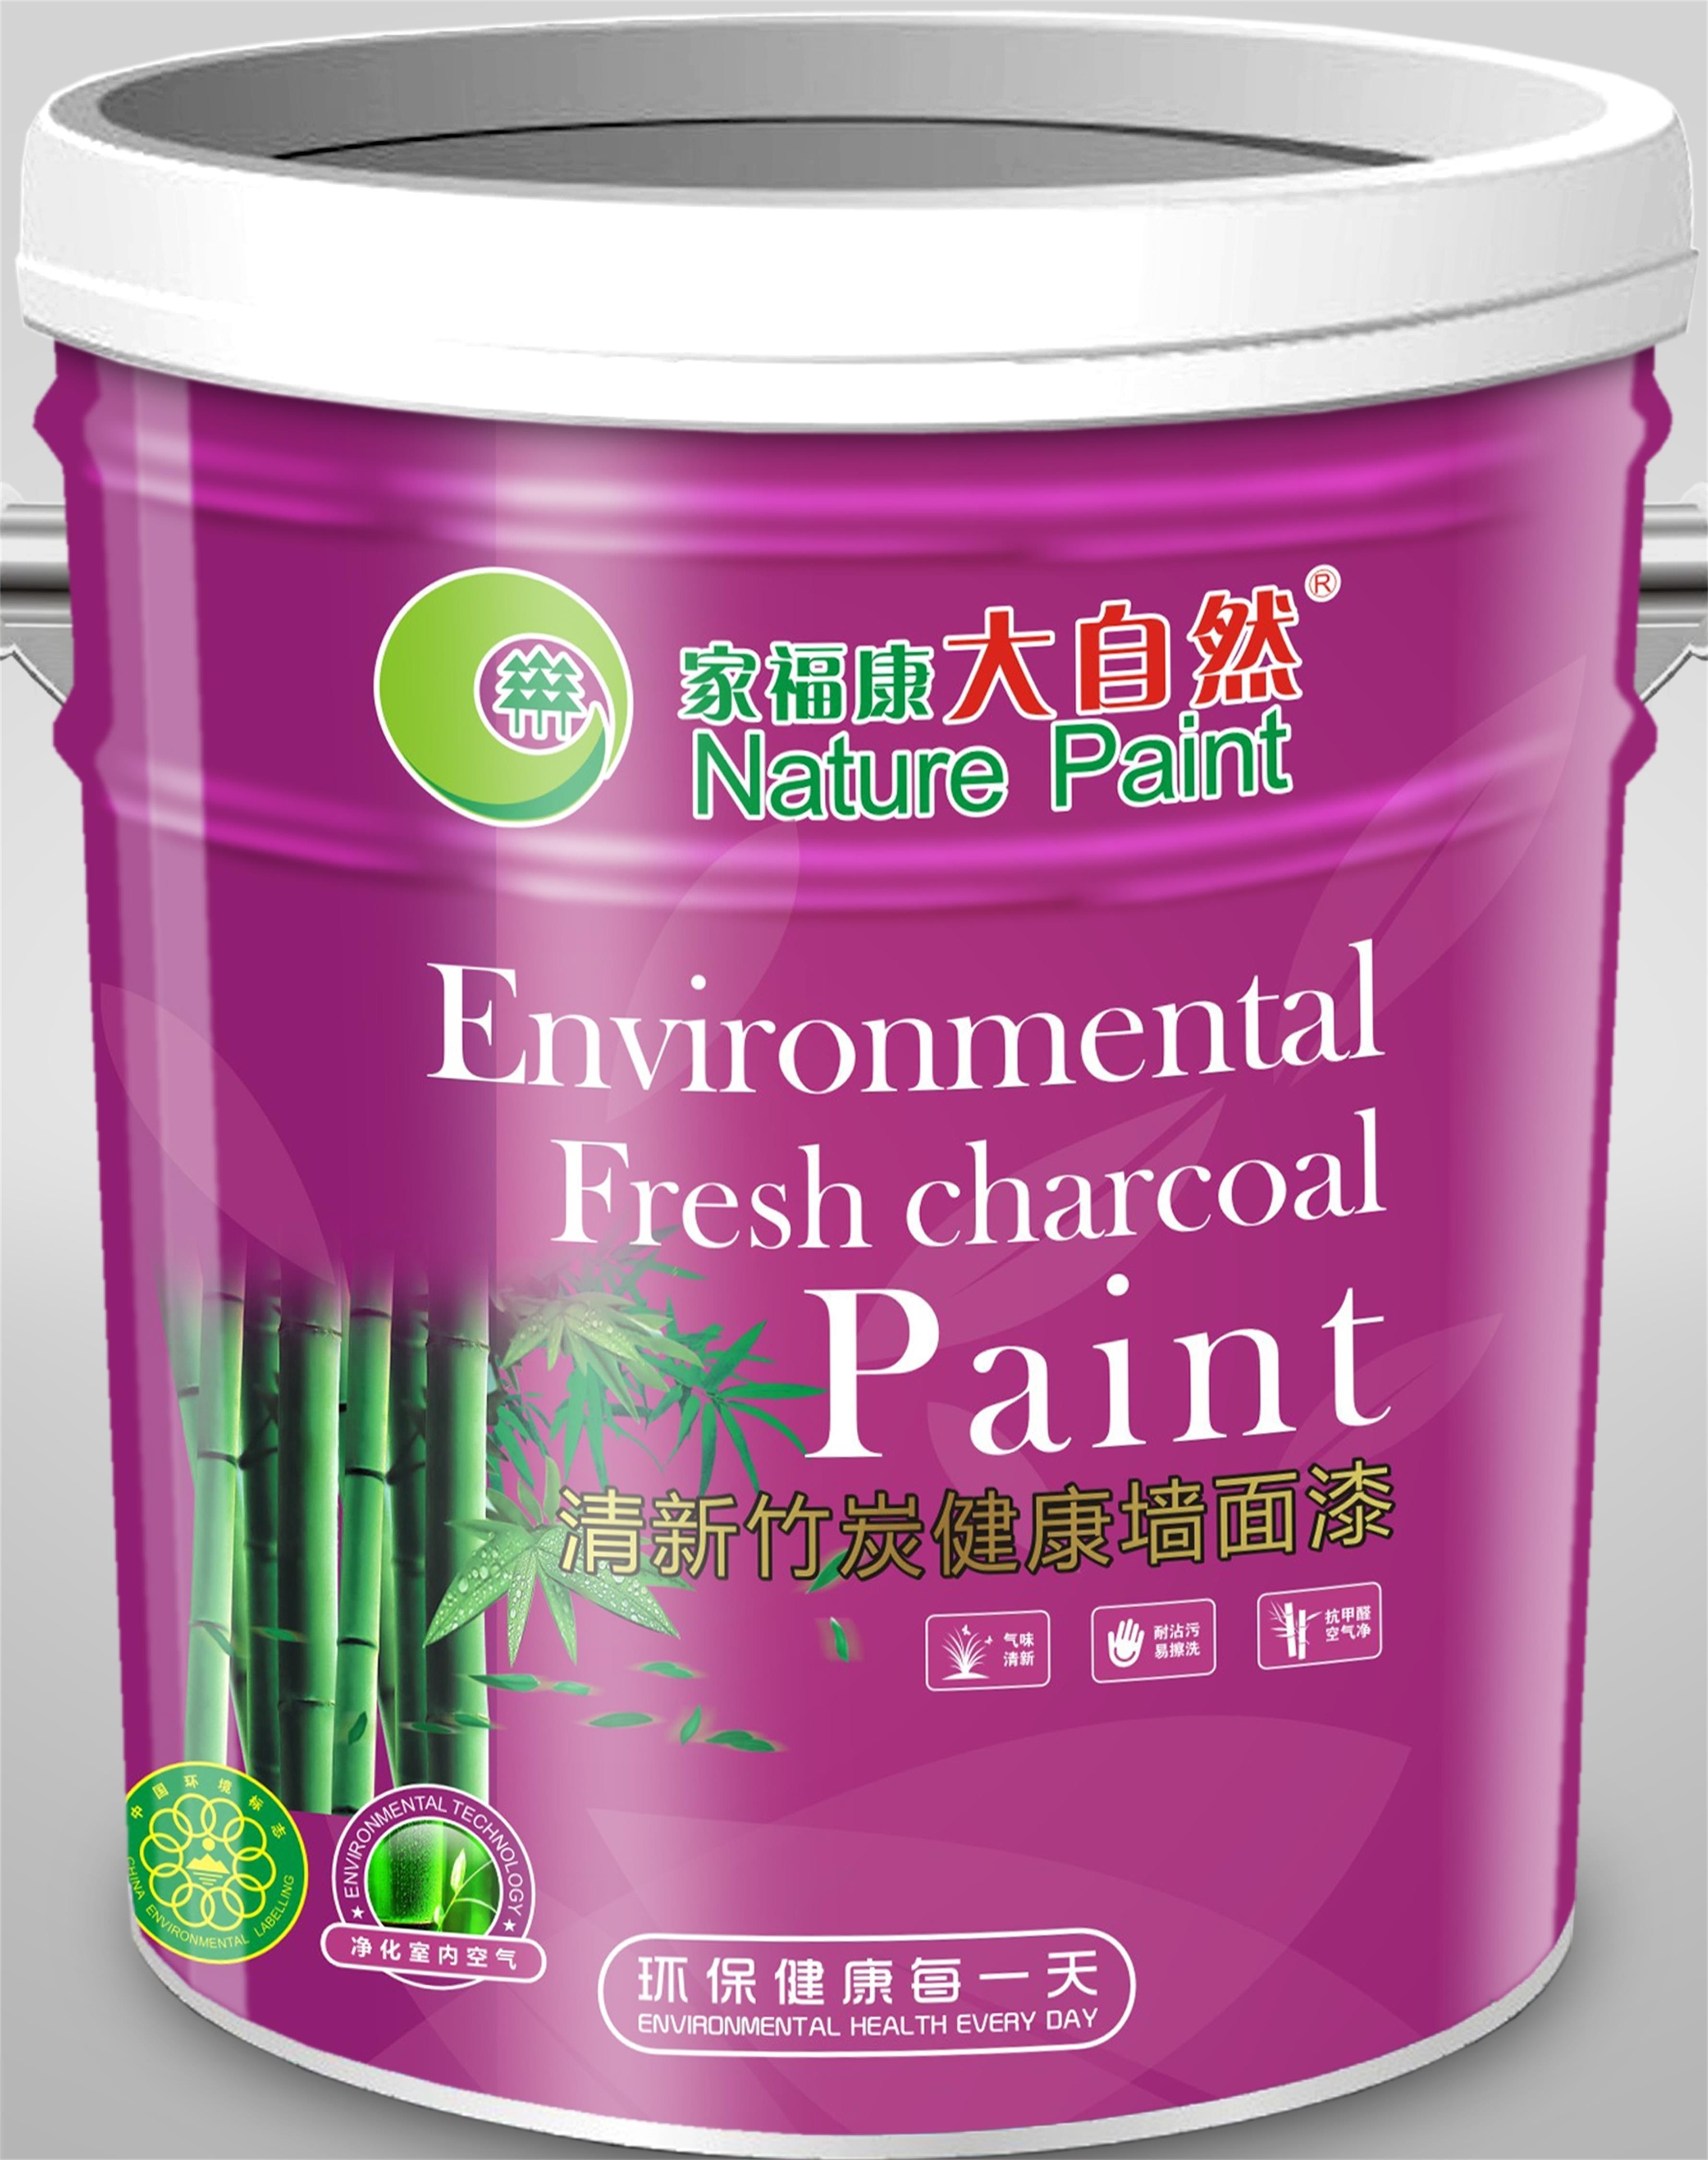 大自然漆天然真石漆系列 中国10大油漆品牌